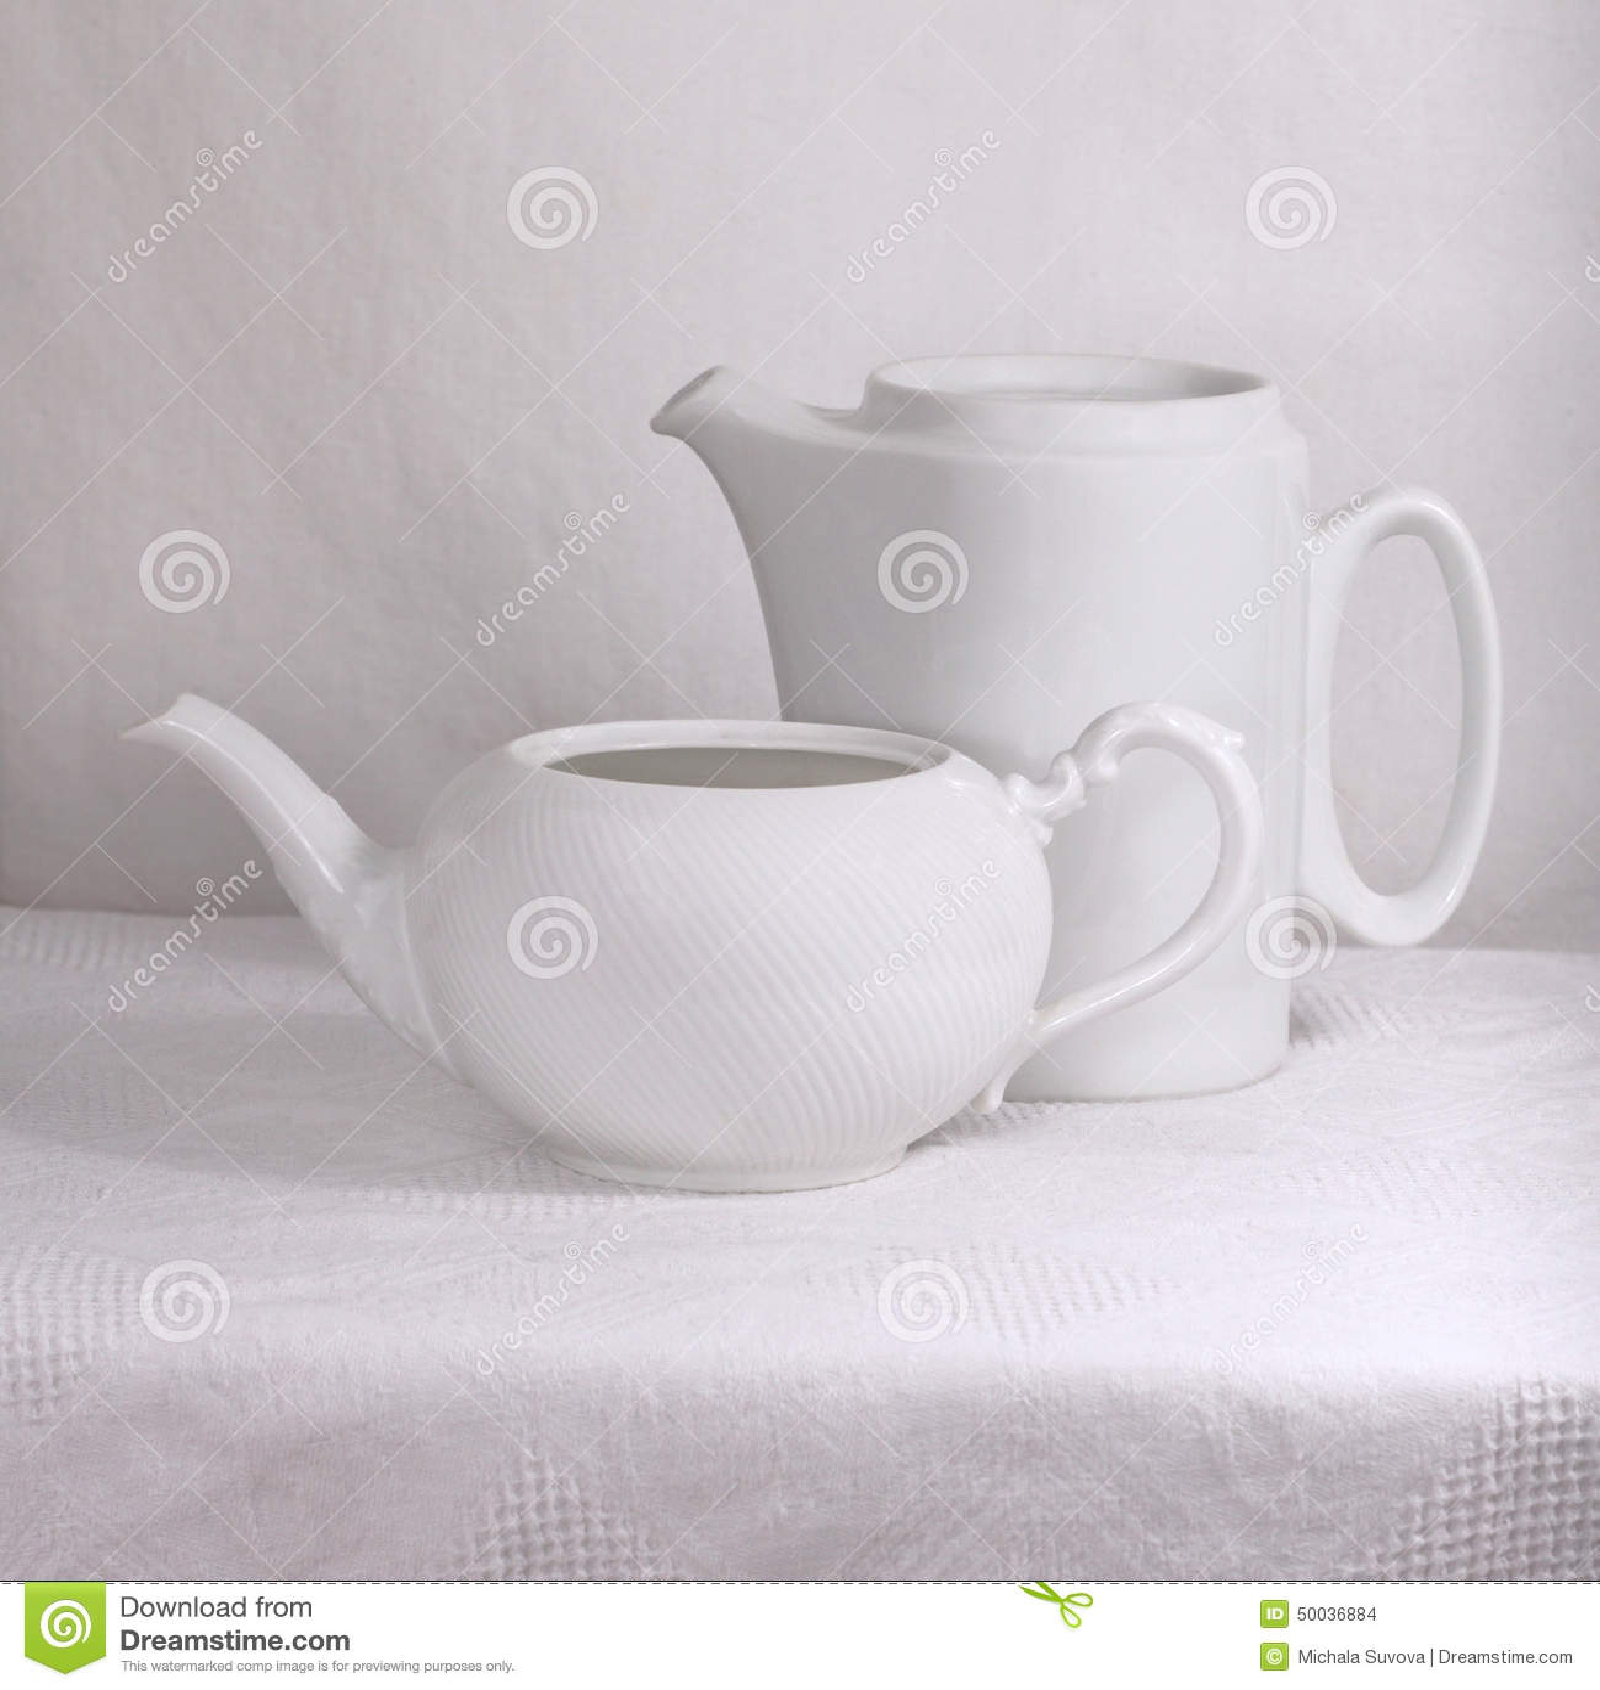 White porcelain pots